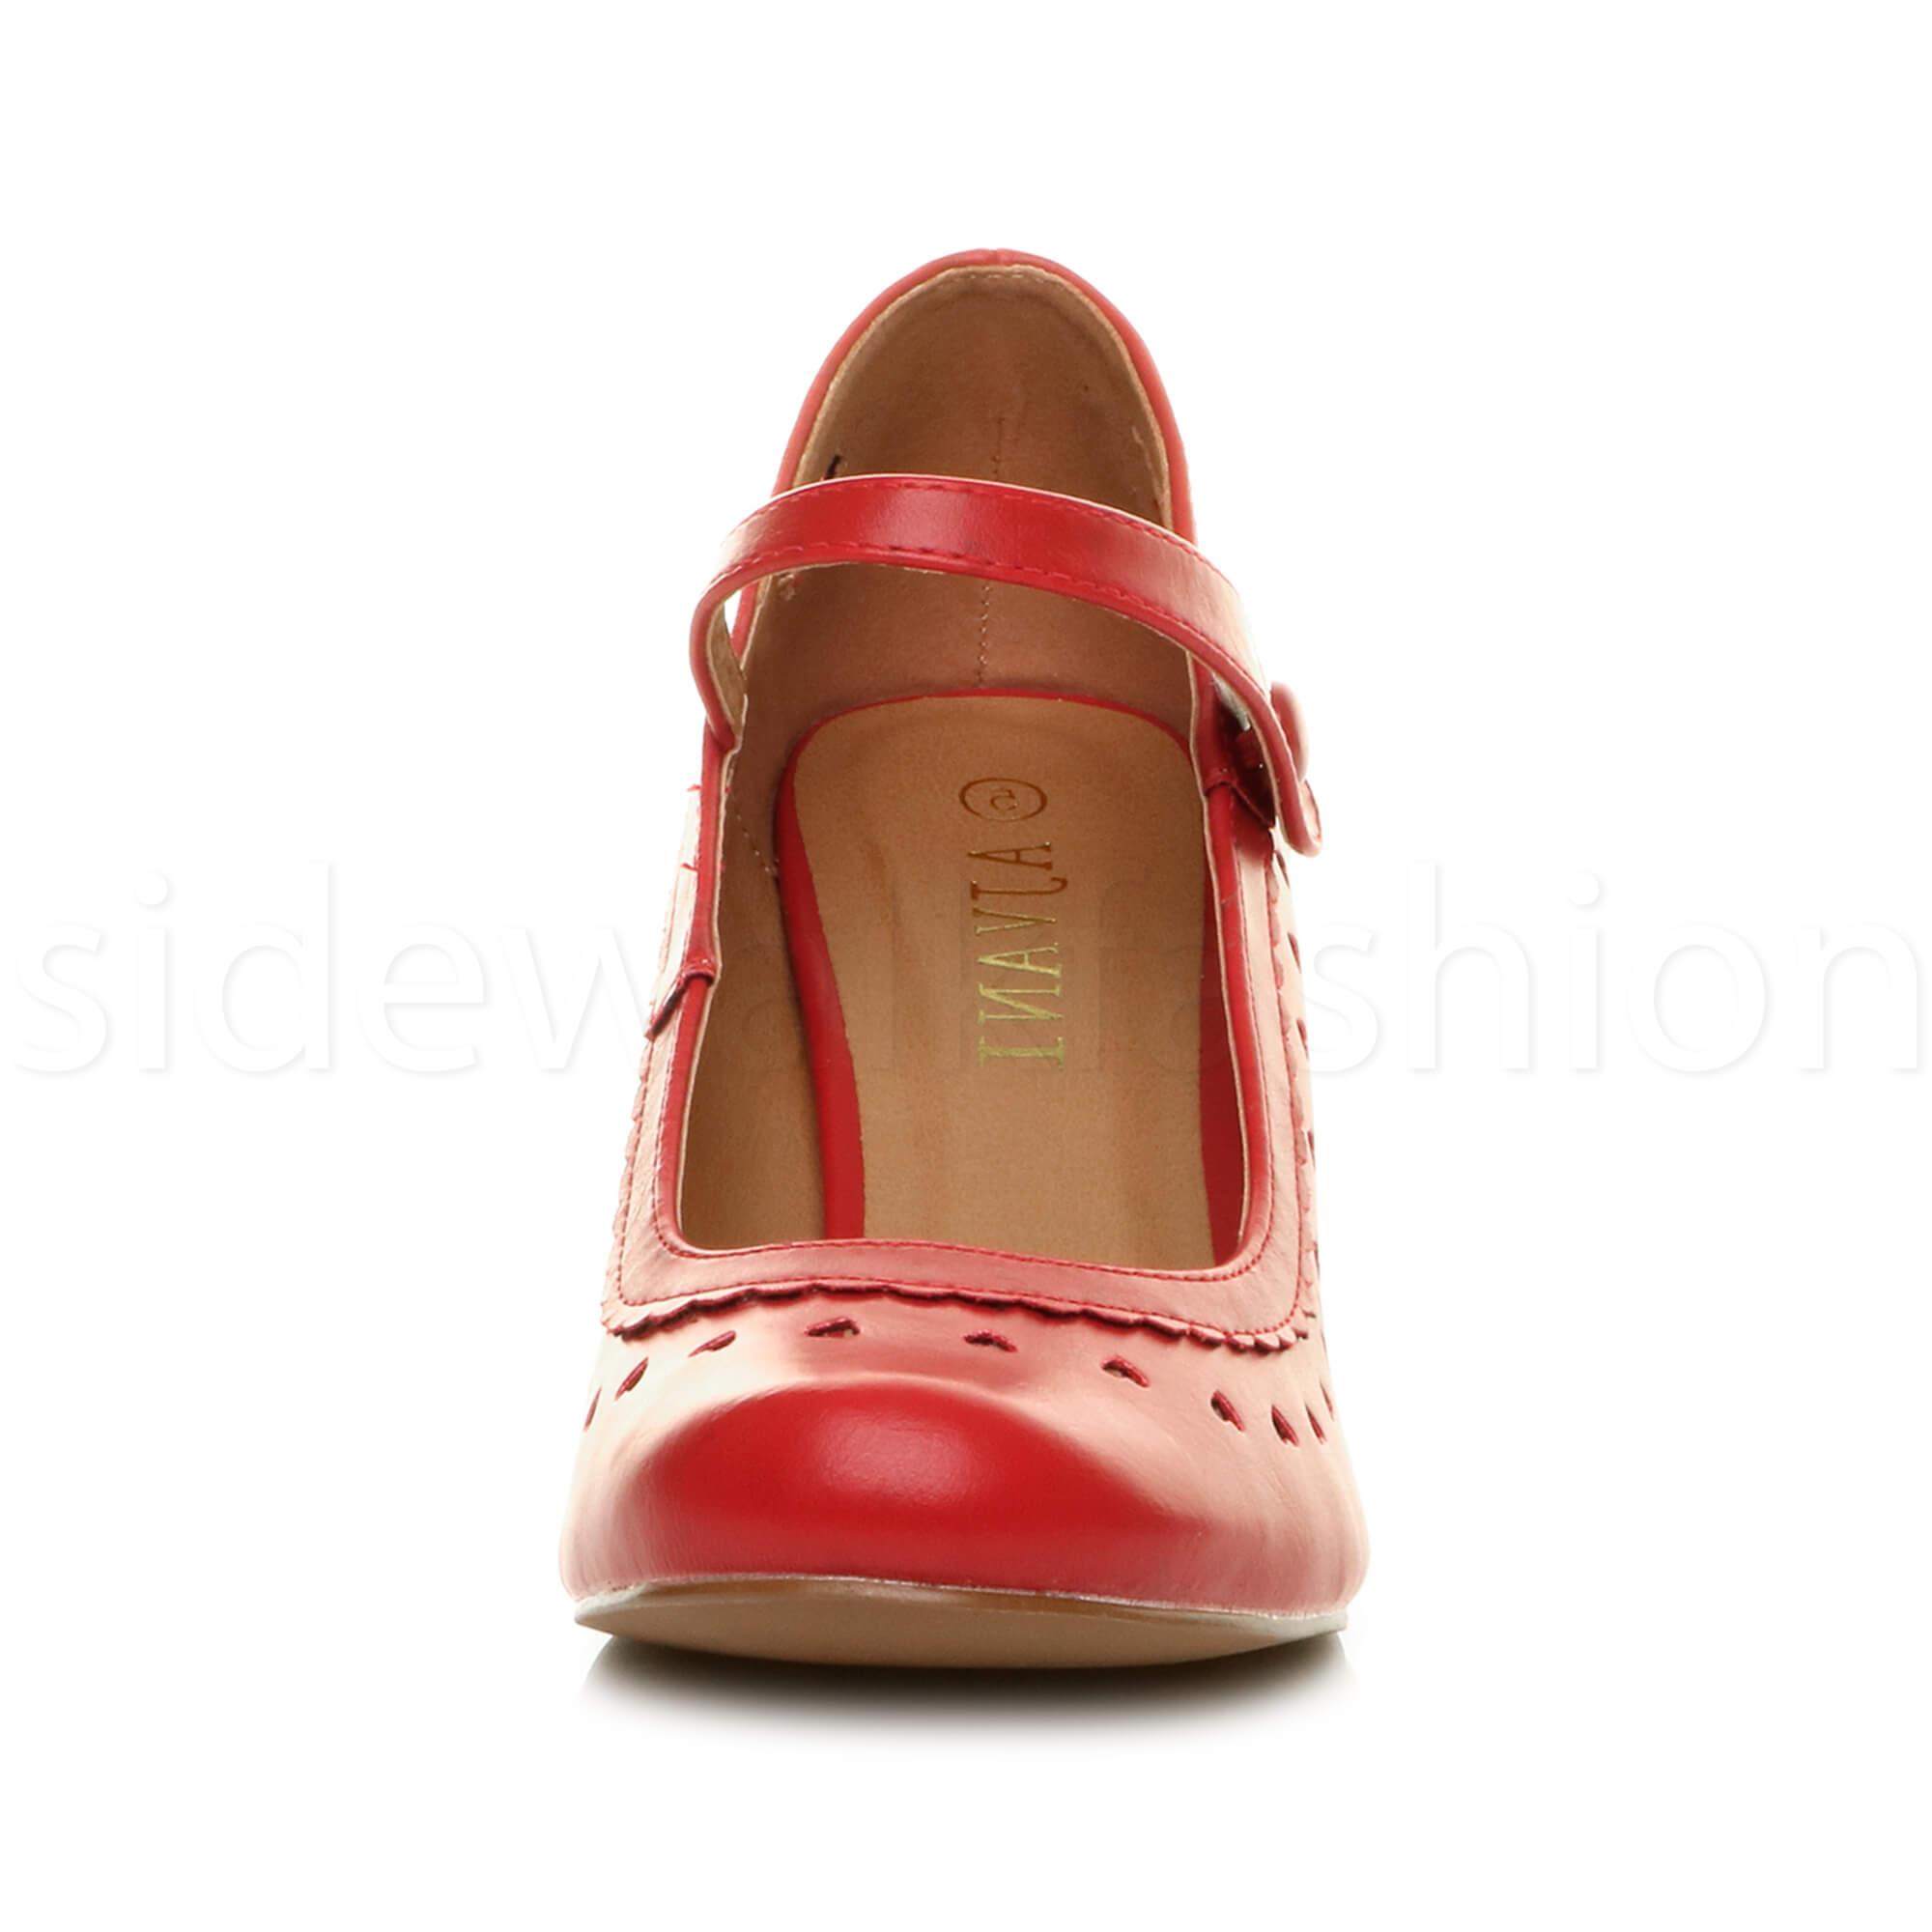 miniatura 48 - Da Donna Donna Stiletto Basso Mary Jane Stile Scarpe Eleganti Lavoro Pompe Dimensione